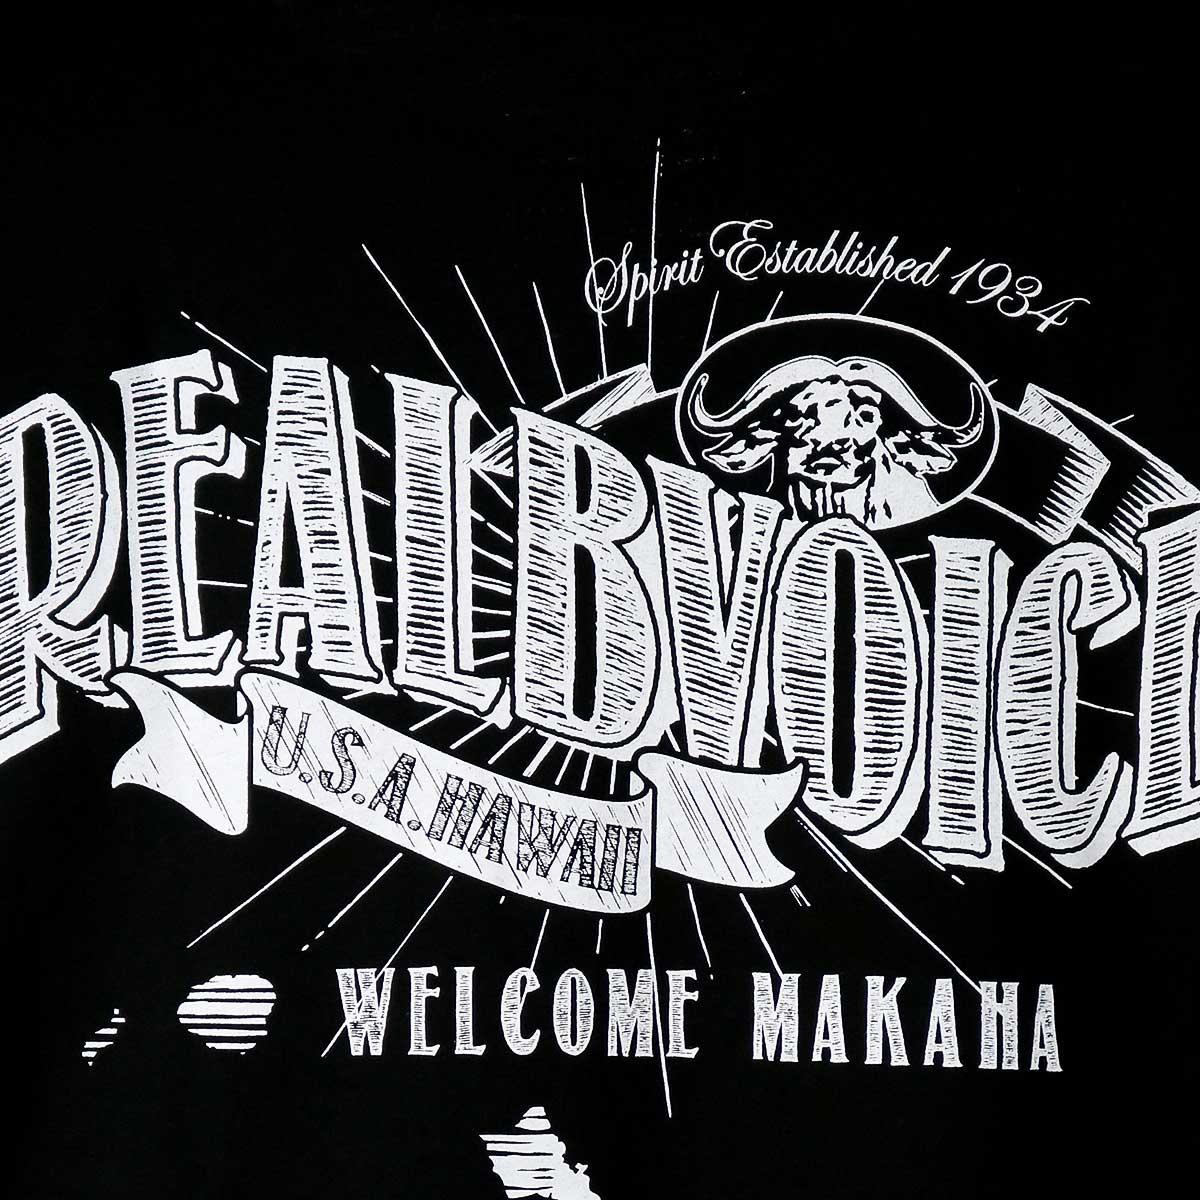 WELCOME MAKAHA POCKET T-SHIRT